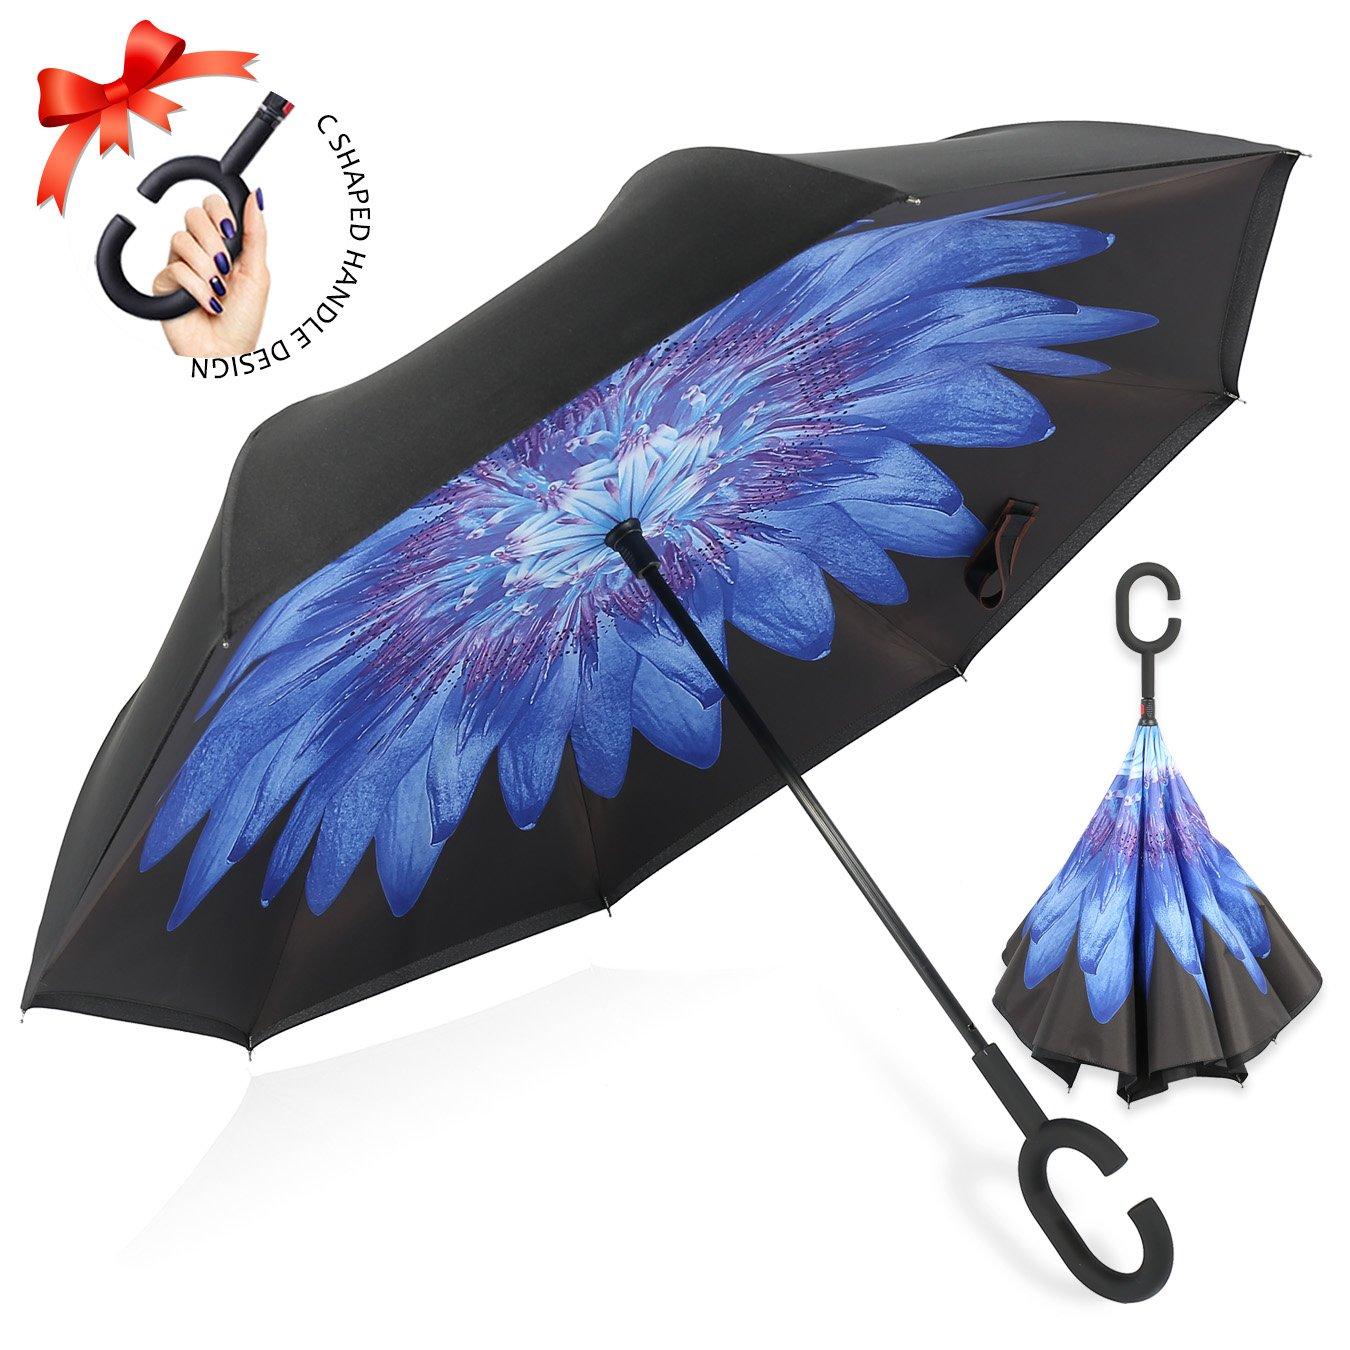 逆転傘 逆さ傘 逆折り式傘 自立傘 長傘 手離れC型手元 耐風 撥水加工 晴雨兼用 ビジネス用 車用 UVカット遮光遮熱 傘ケース付き B078X7XSZK 青い菊 青い菊